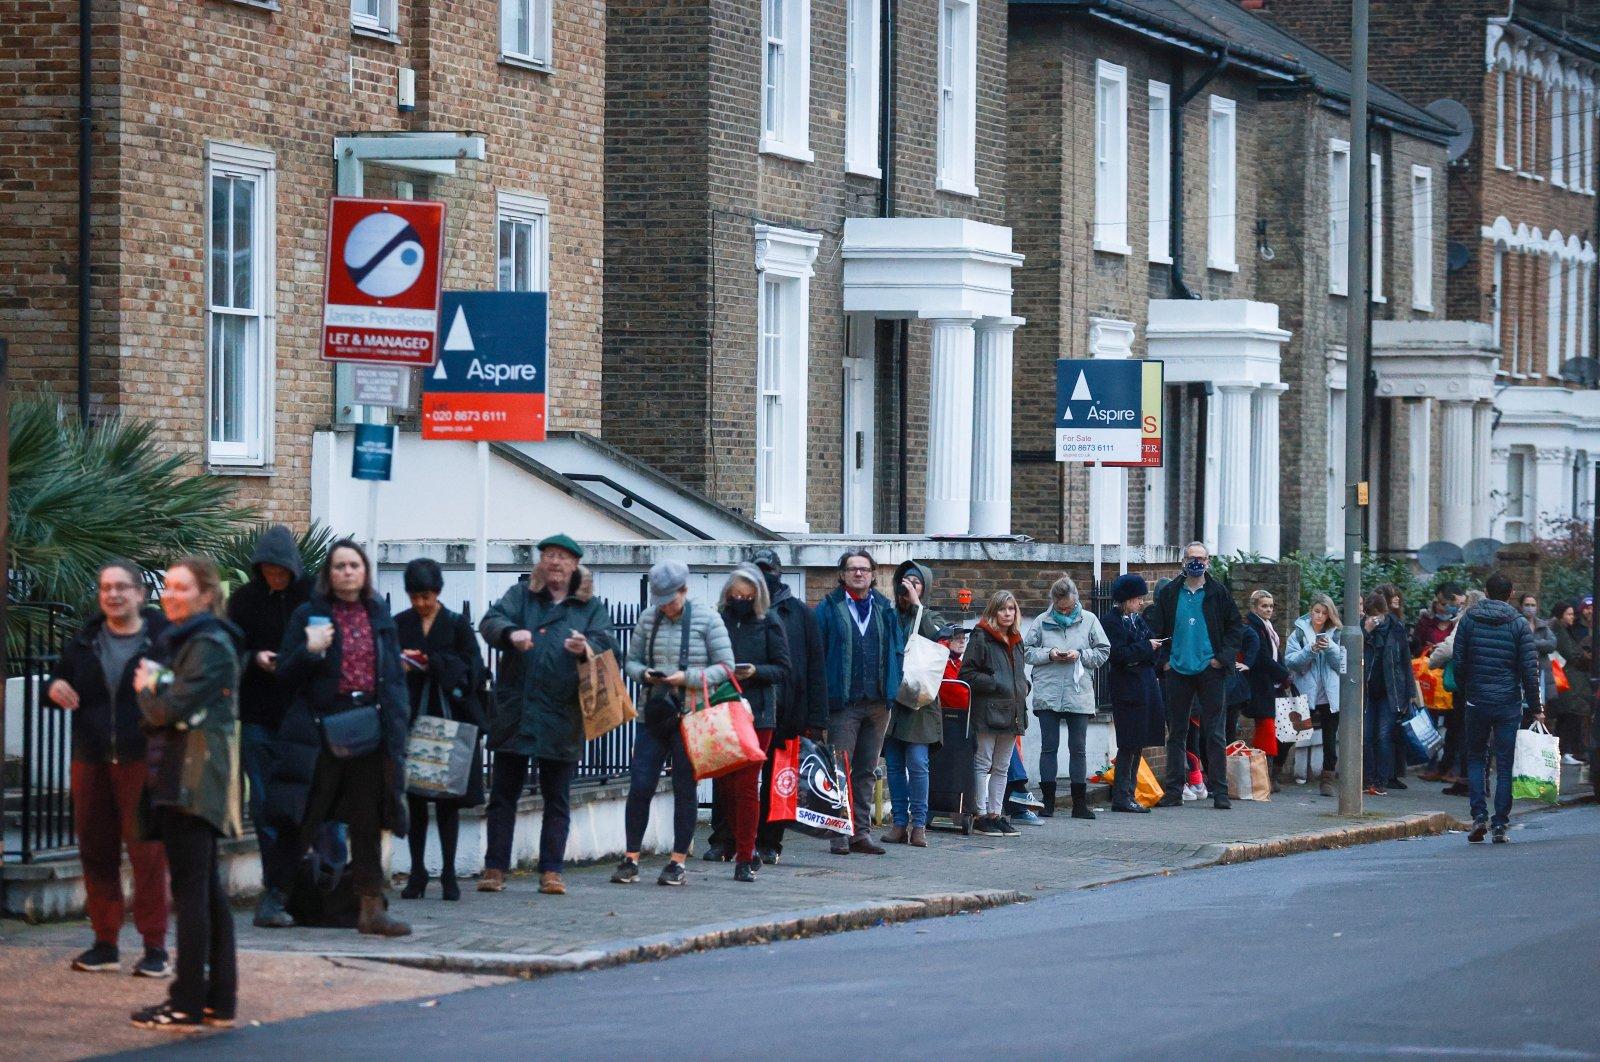 People queue outside Waitrose supermarket amid the COVID-19 outbreak, Balham, London, Britain, Dec. 22, 2020. (Reuters Photo)